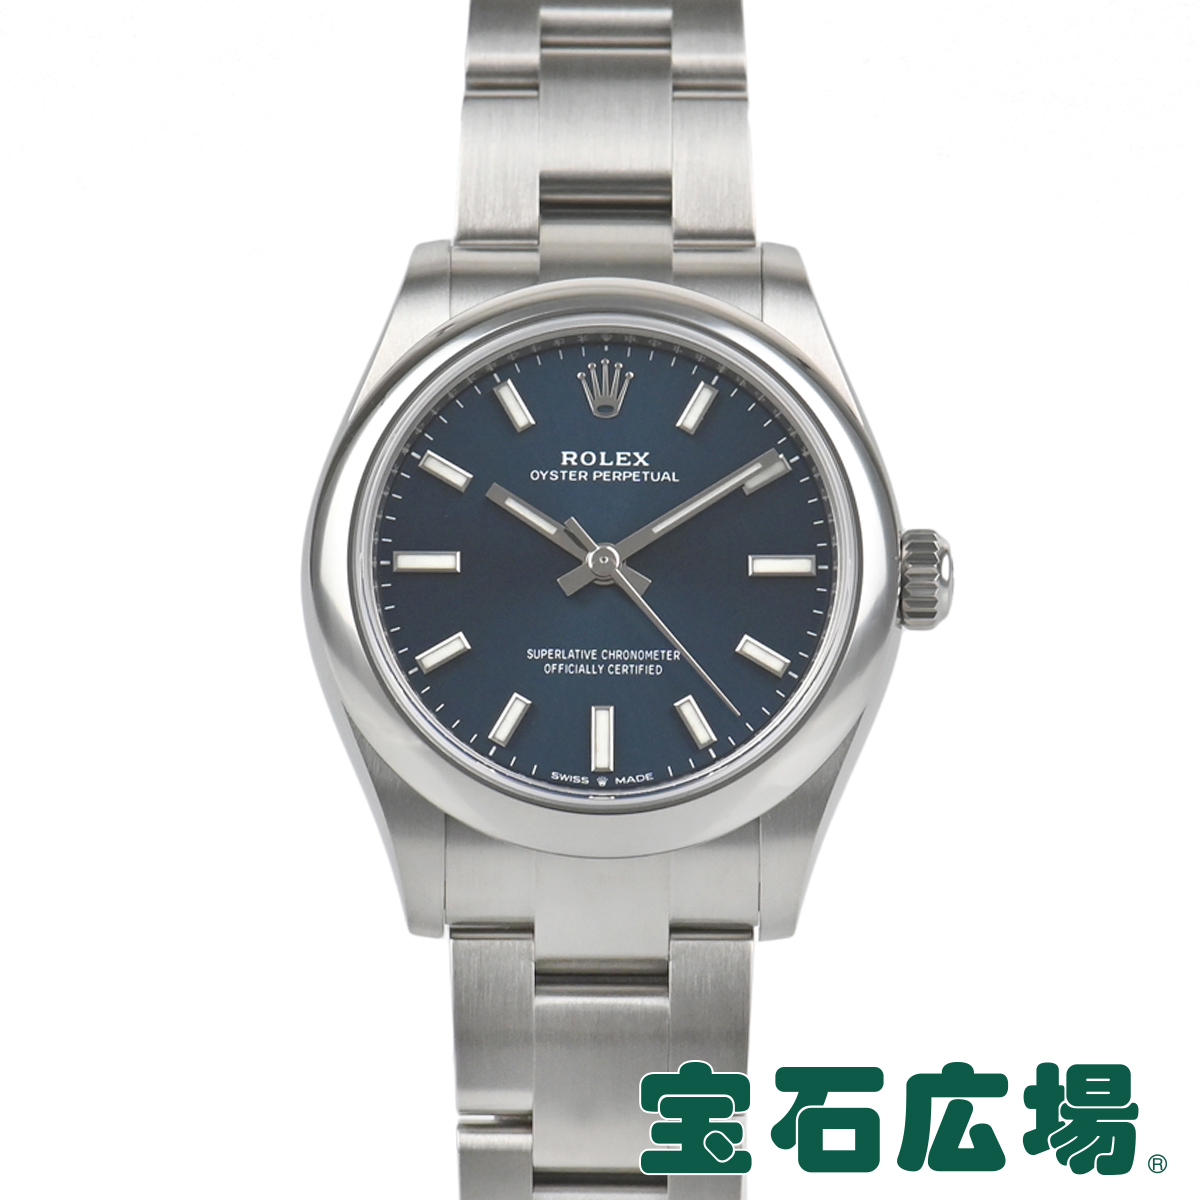 商舗 ロレックス オイスターパーペチュアル31 277200 新品 腕時計 限定特価 送料無料 ROLEX ユニセックス